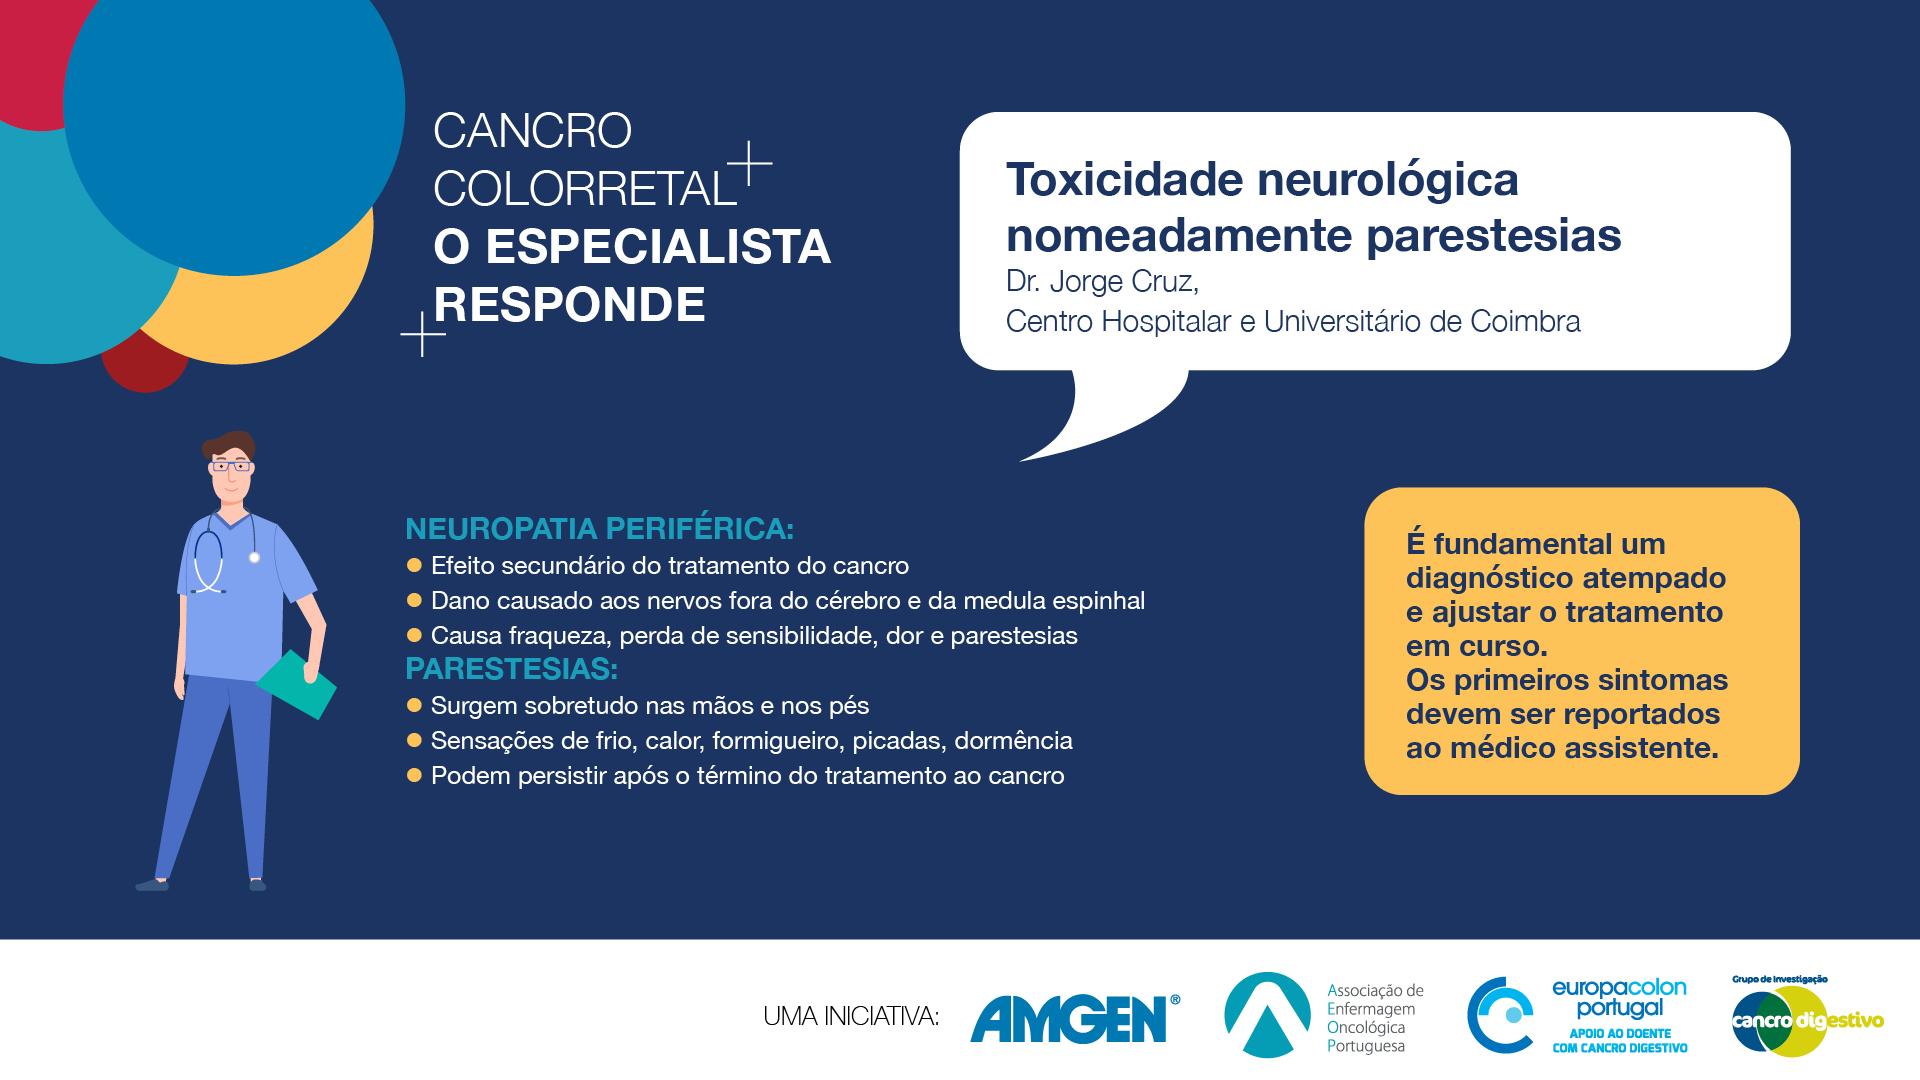 AMGEN cancro colorretal palavra de meüdico5